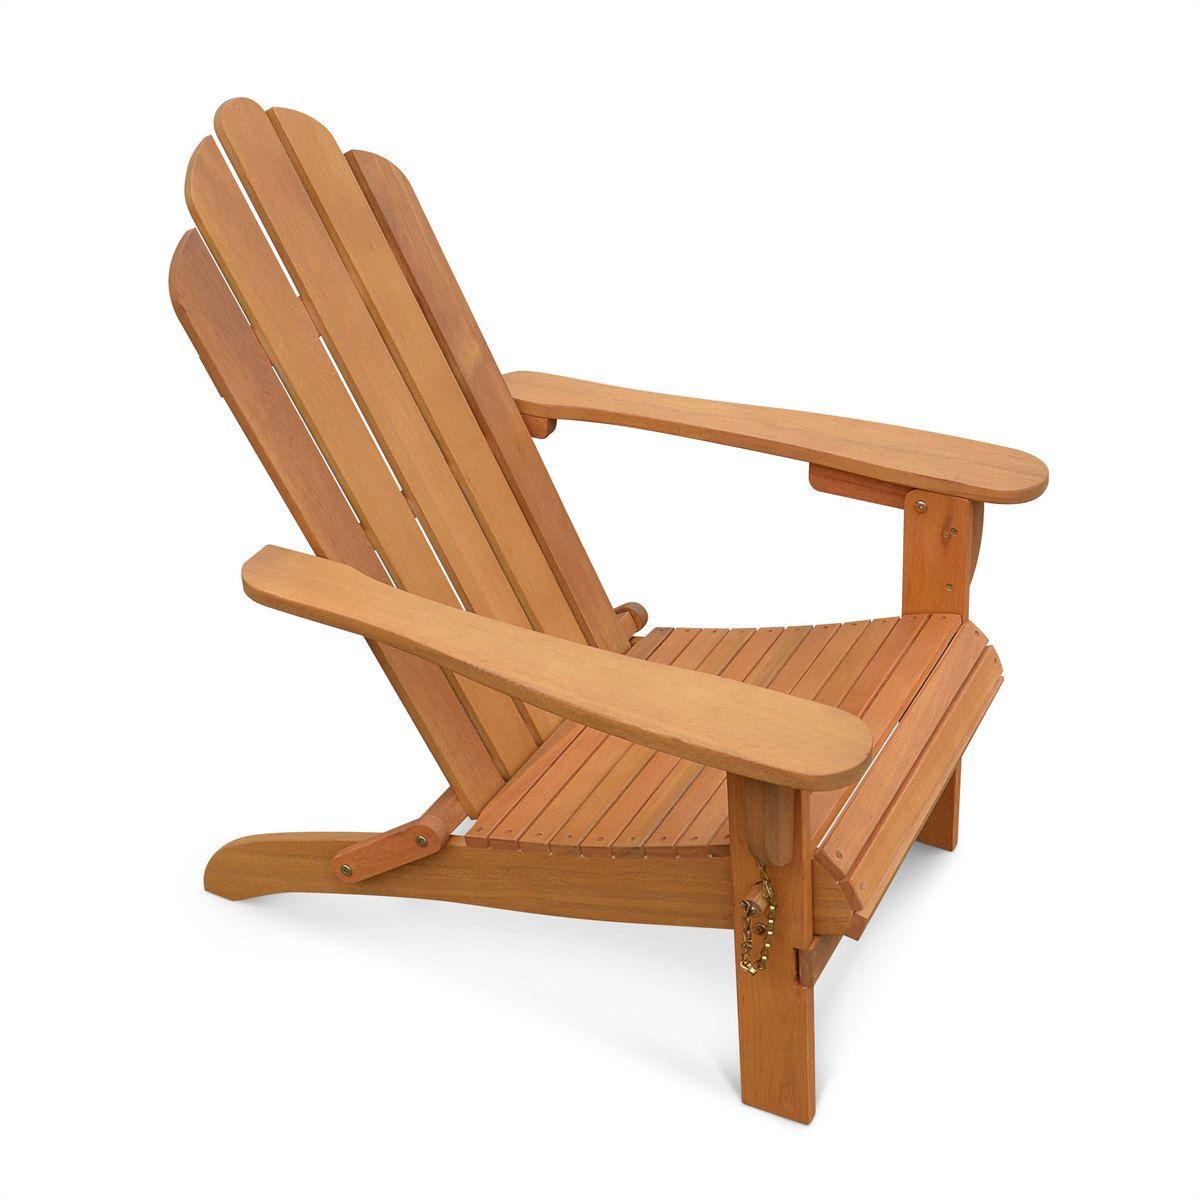 Redoute Meubles, déco Jardin Salon de jardin Chaise, fauteuil, banc